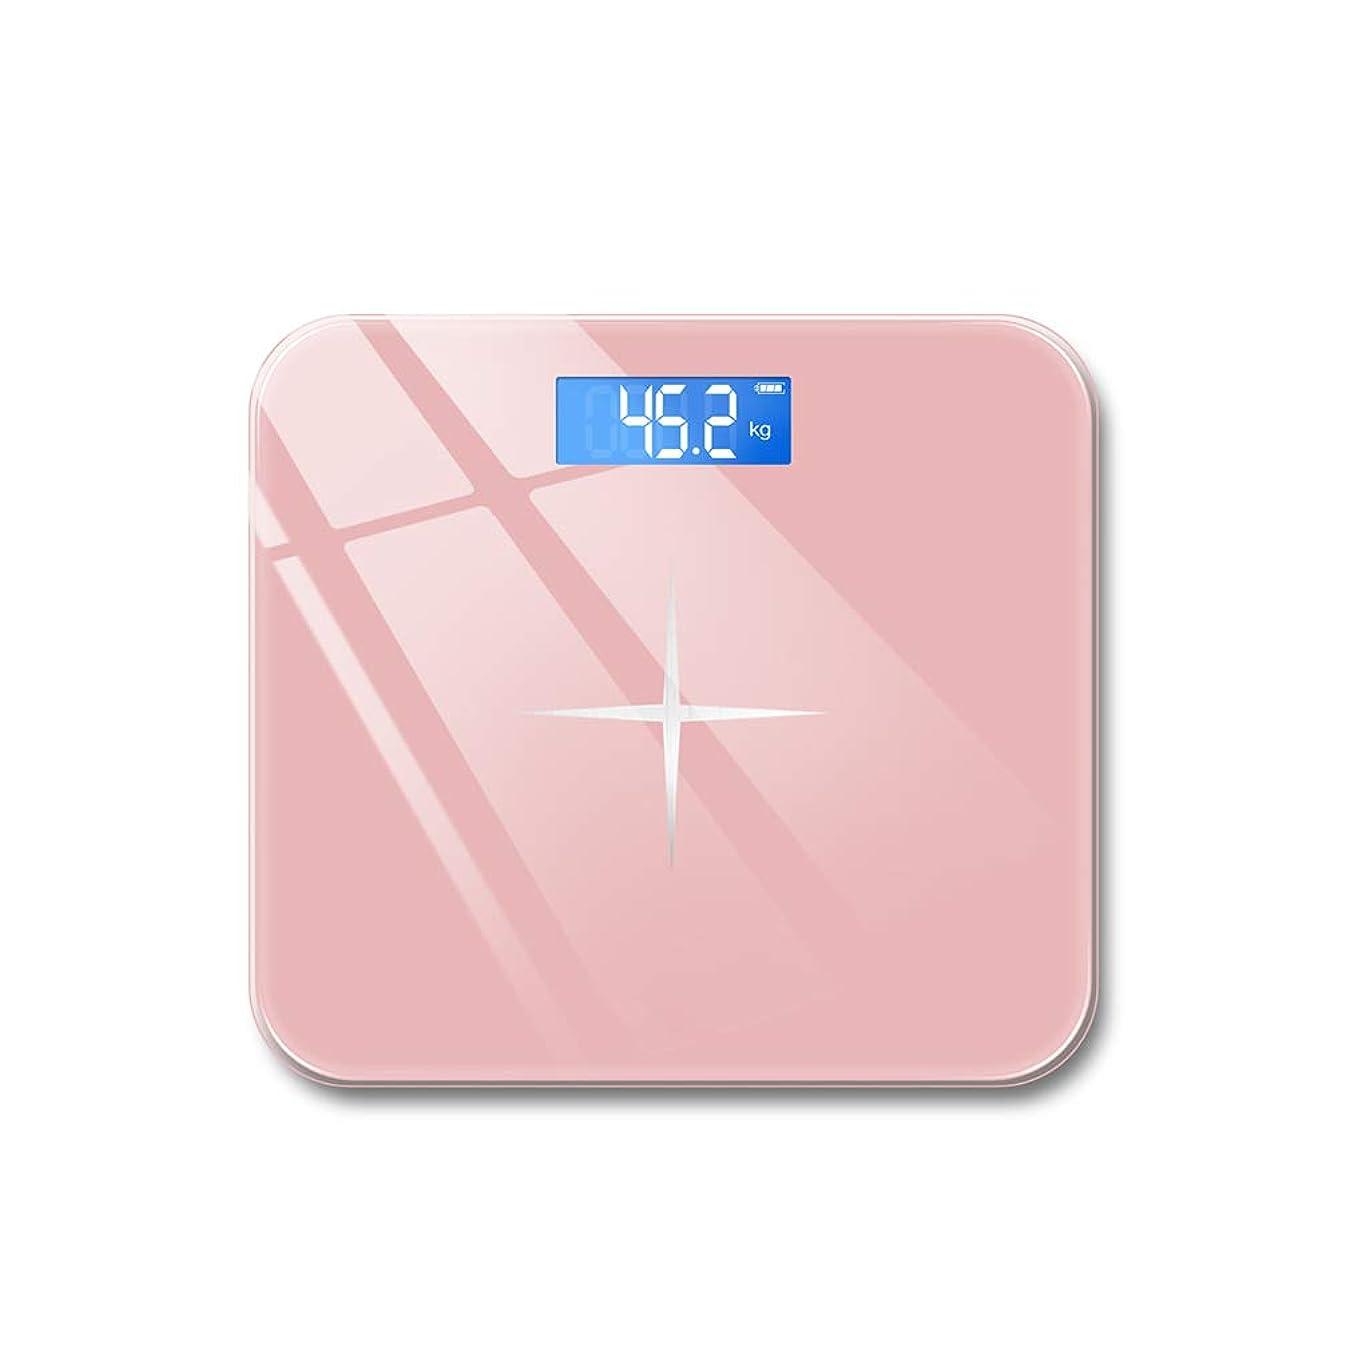 素人故意に干ばつTcaijing 電子体重計体重計ピンクUSB充電ディスプレイバッテリー残量最小体重0.2kg最大体重180kgサイズ260 * 260家族寮健康的な減量